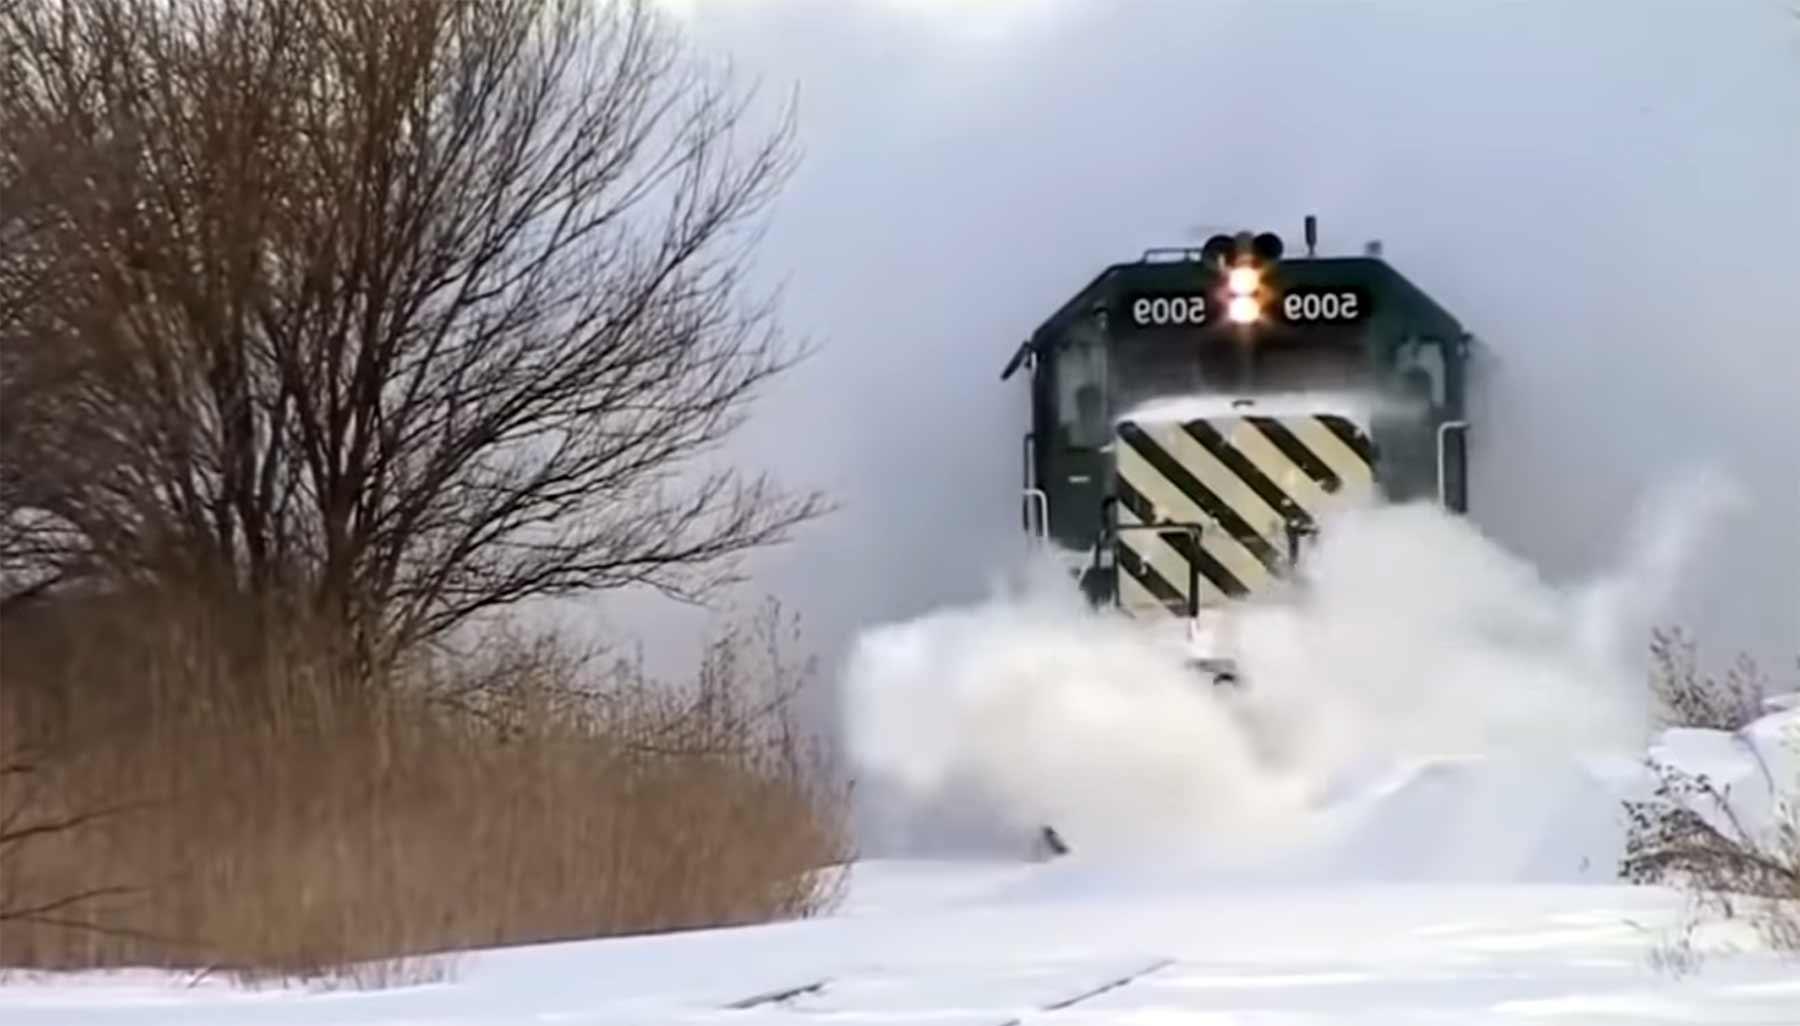 Ganz viele schneeräumende Züge